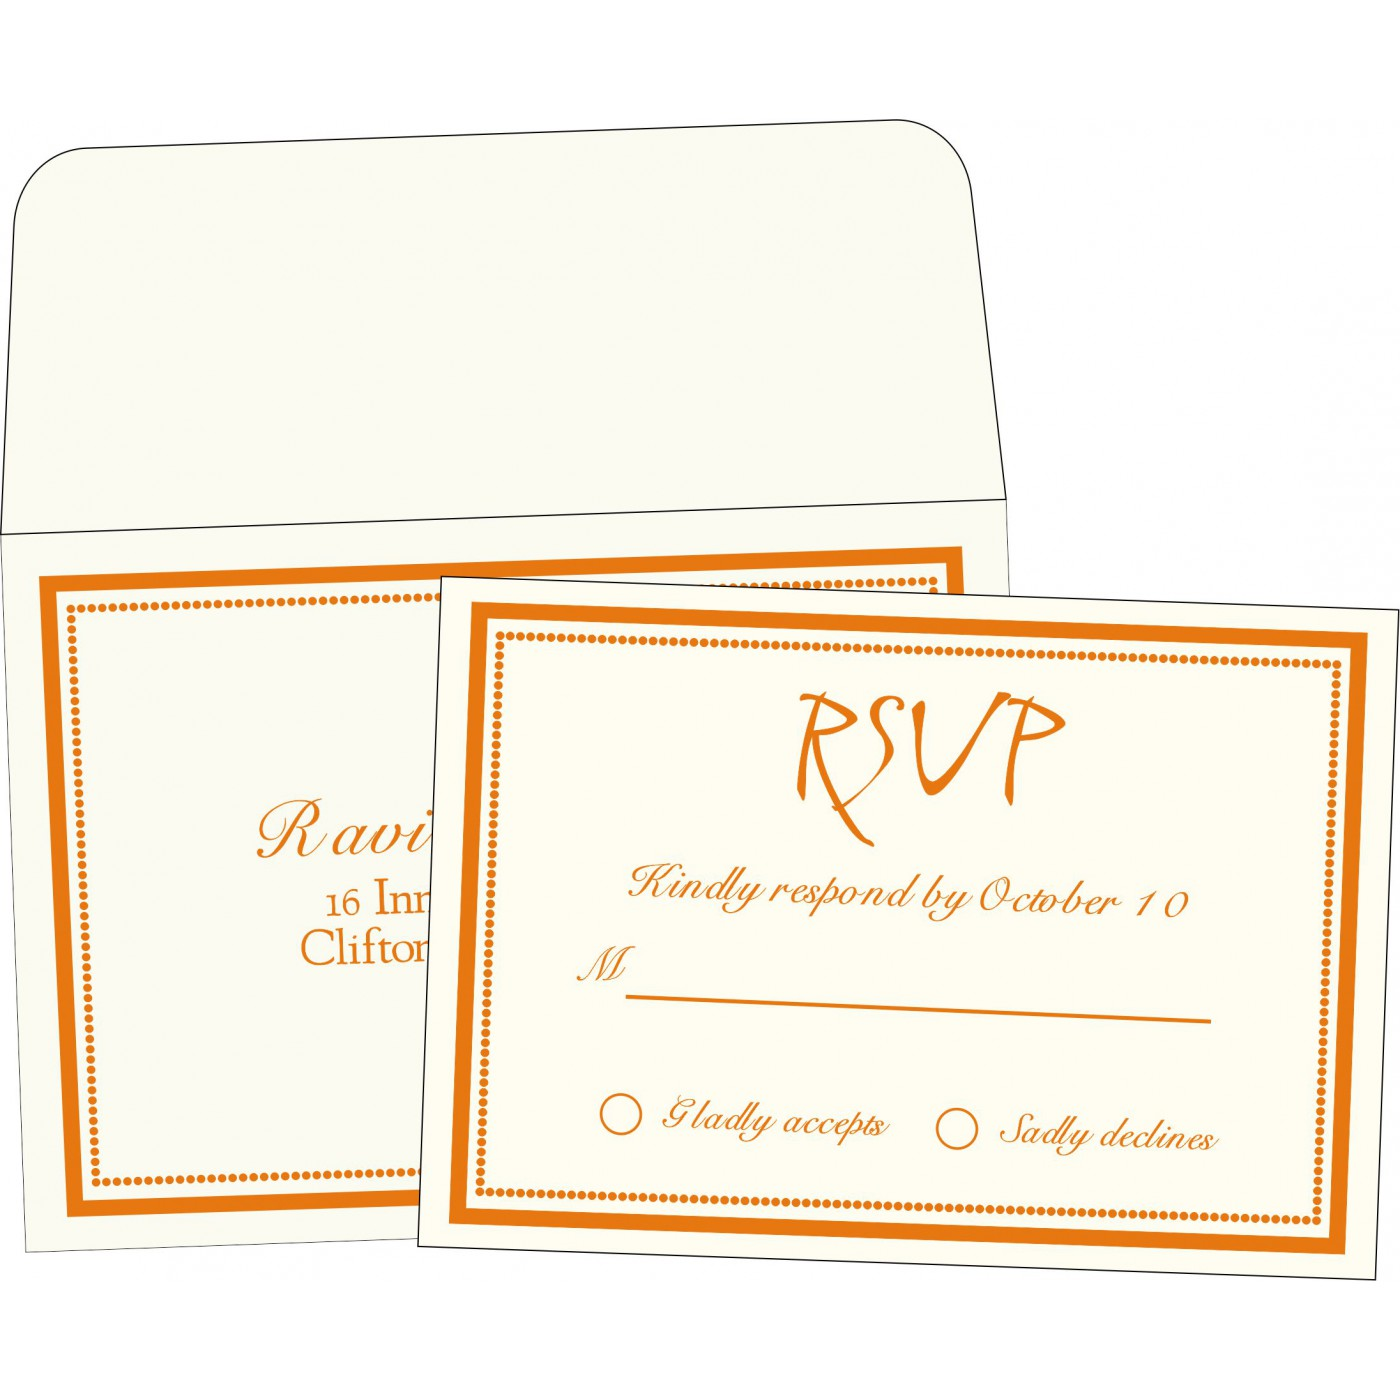 RSVP Cards : CRSVP-1183 - IndianWeddingCards